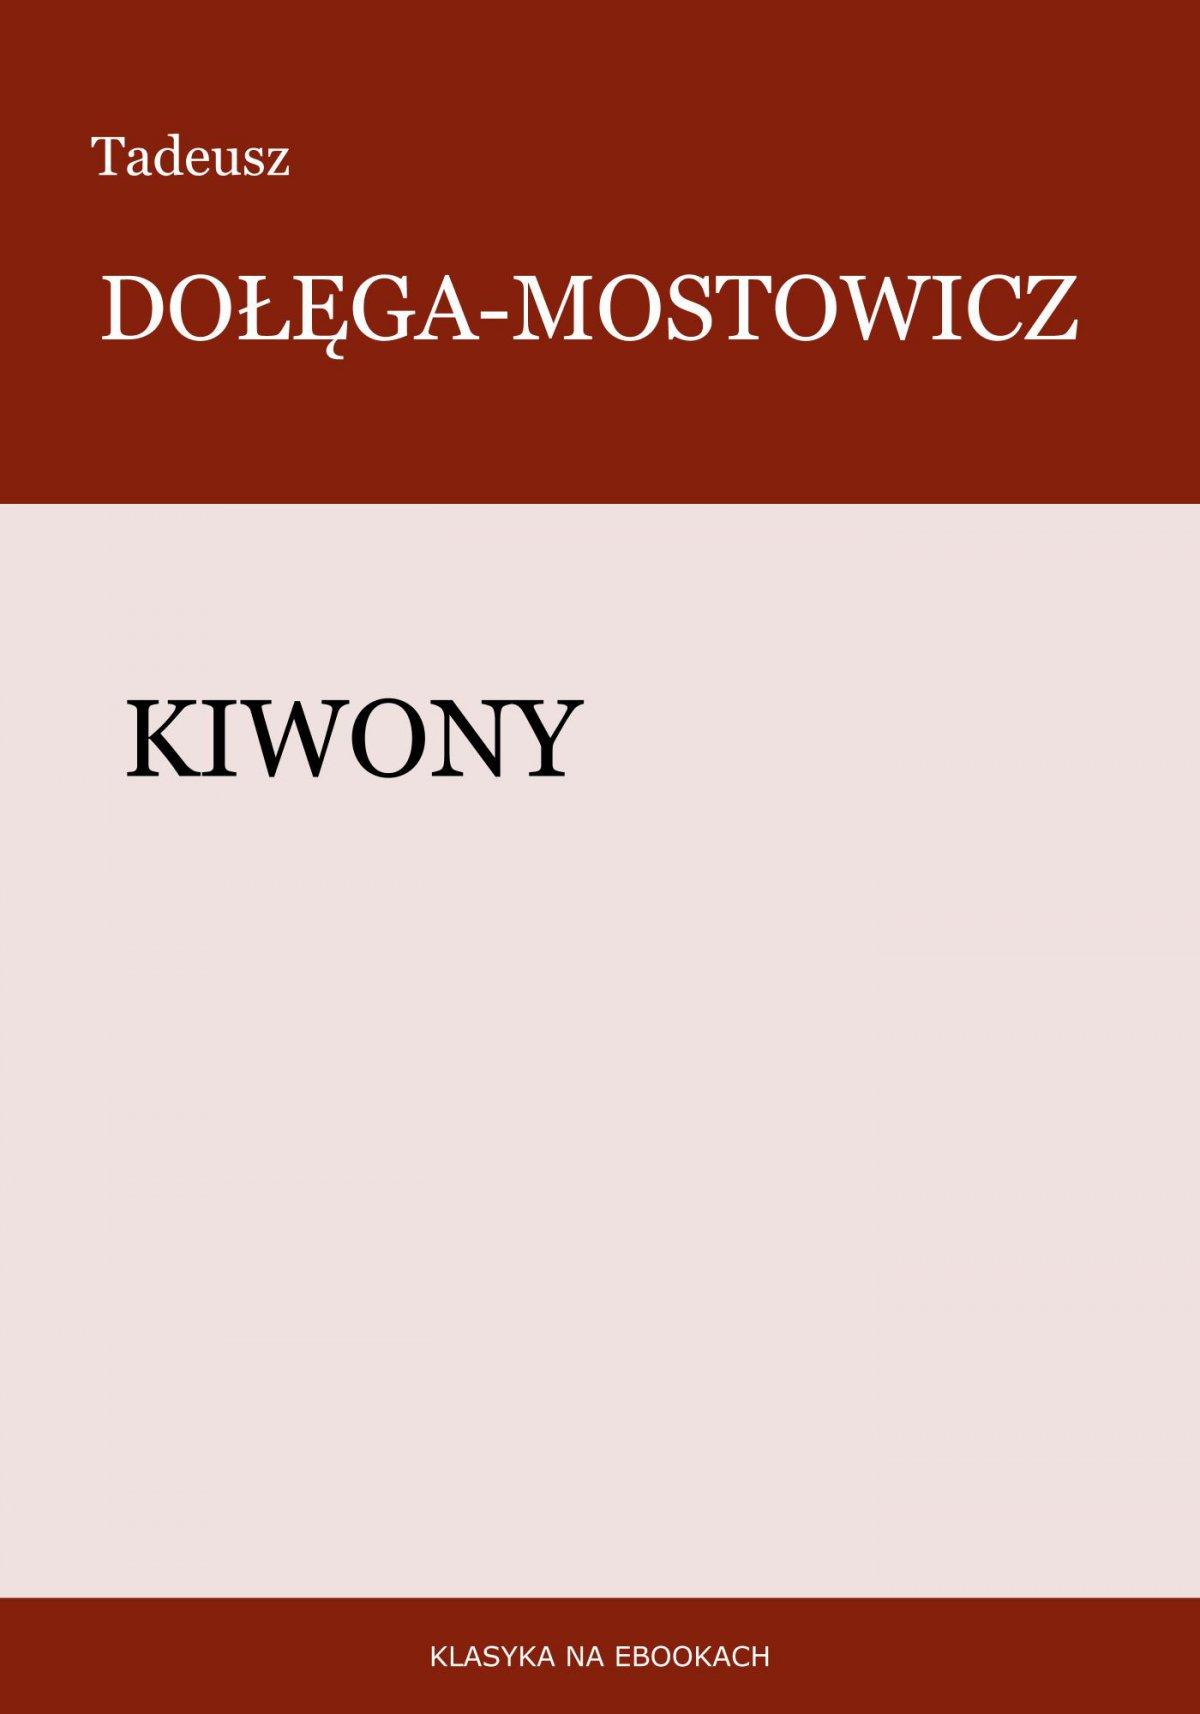 Kiwony - Ebook (Książka EPUB) do pobrania w formacie EPUB